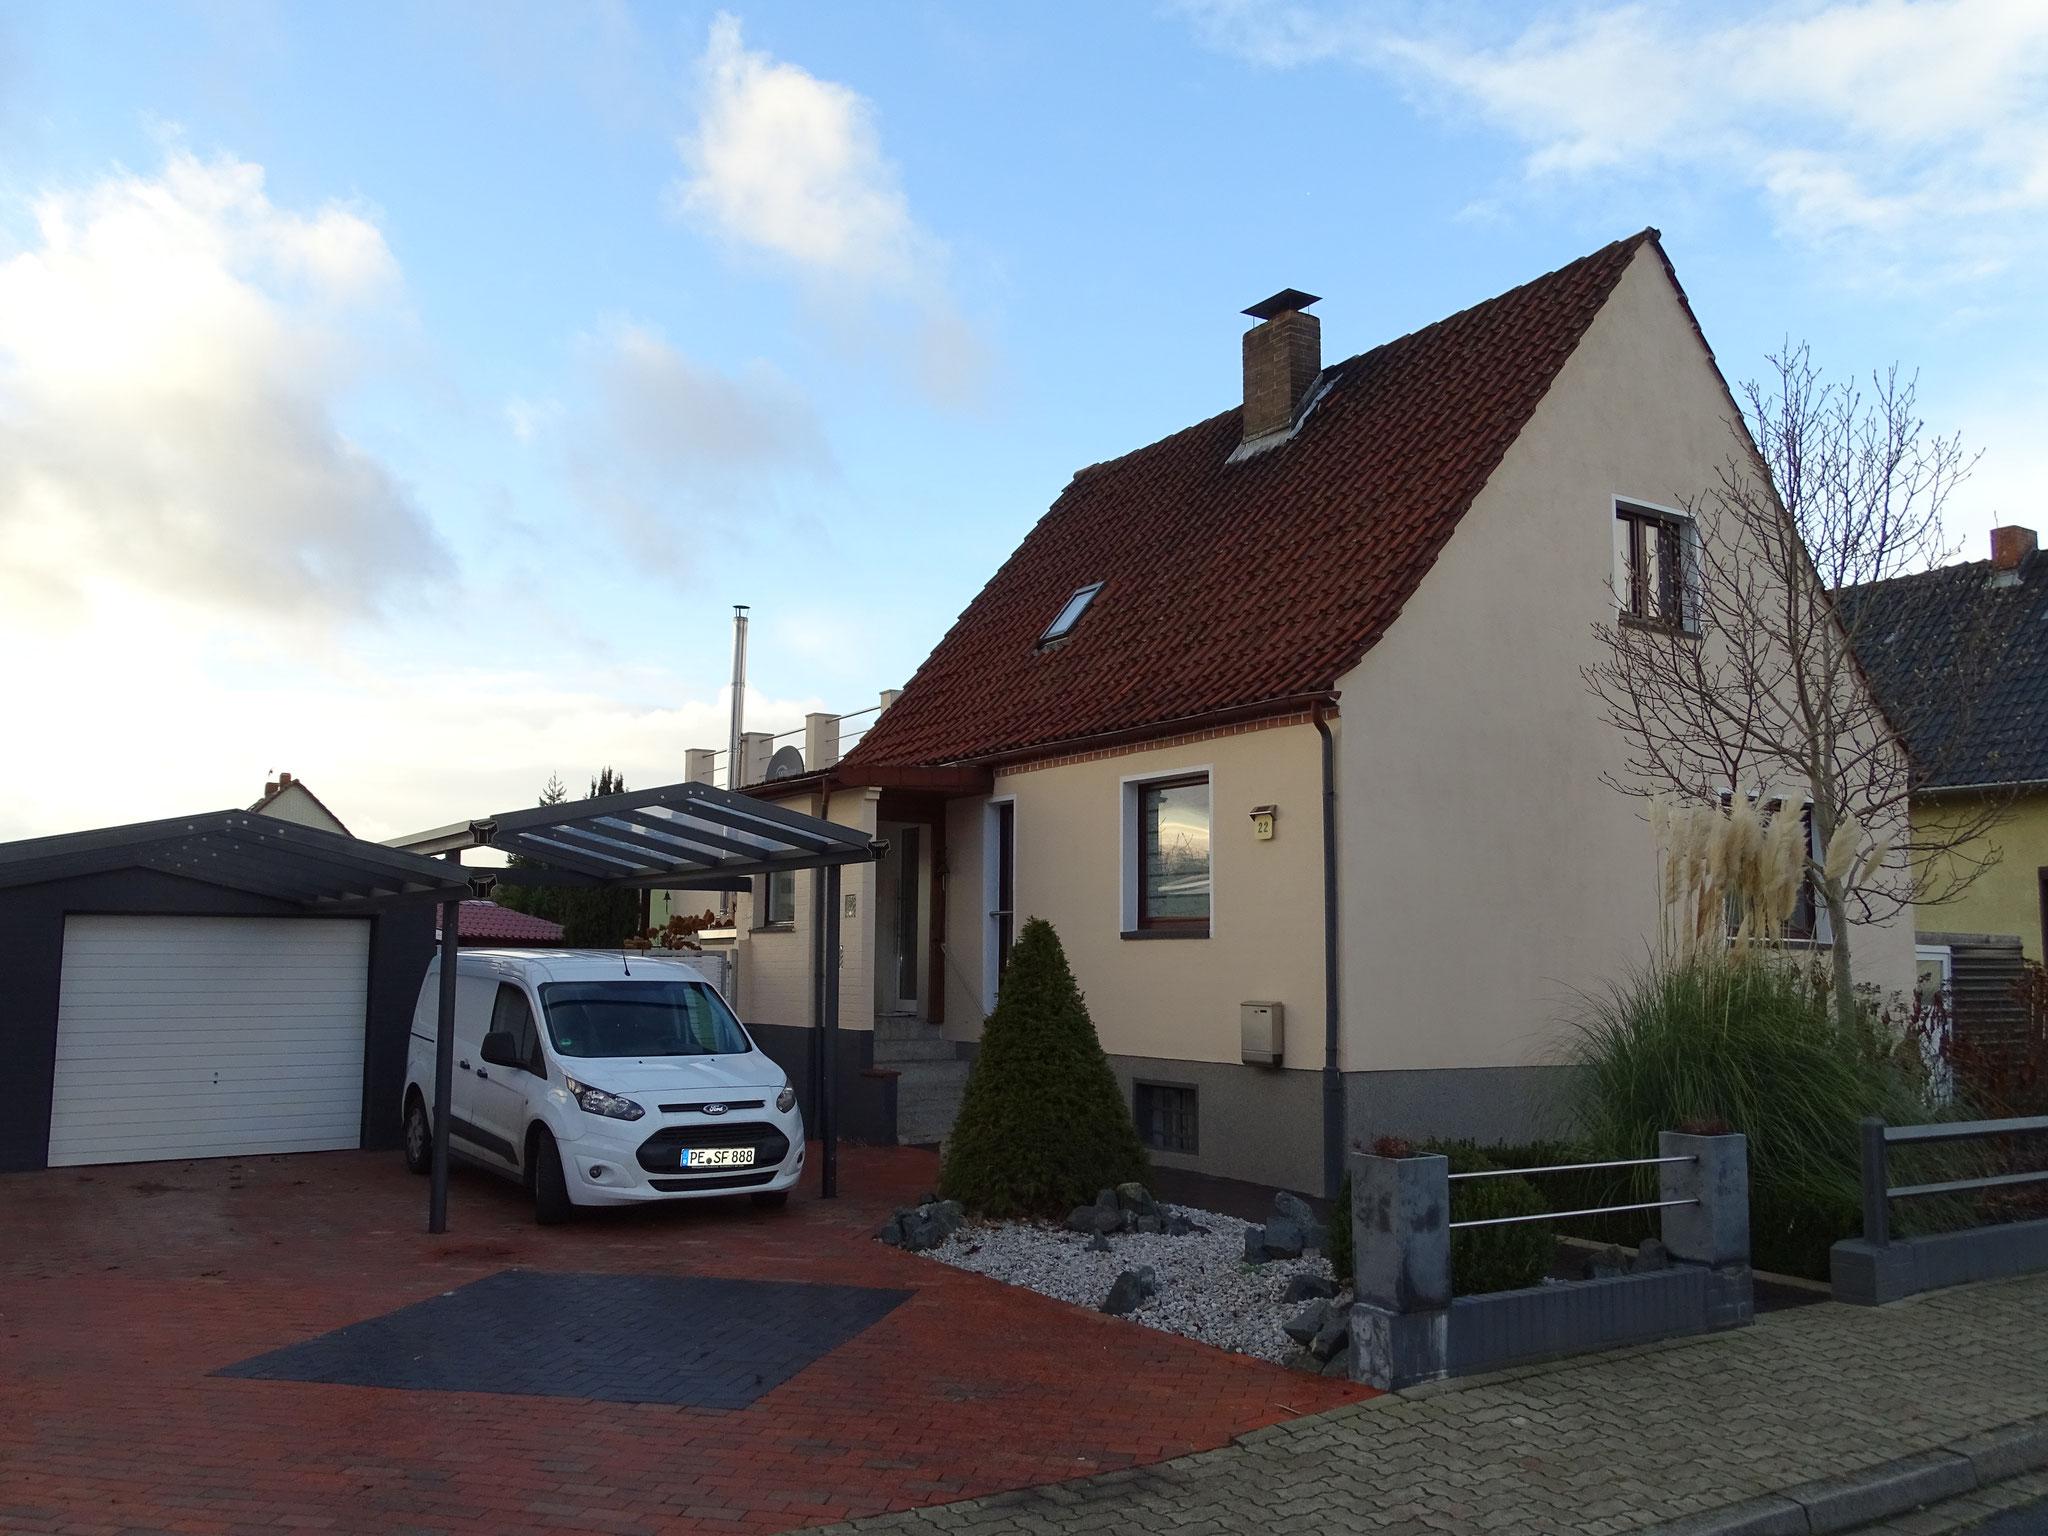 Einfamilienhaus verkauft in Peine - Woltorf 2019